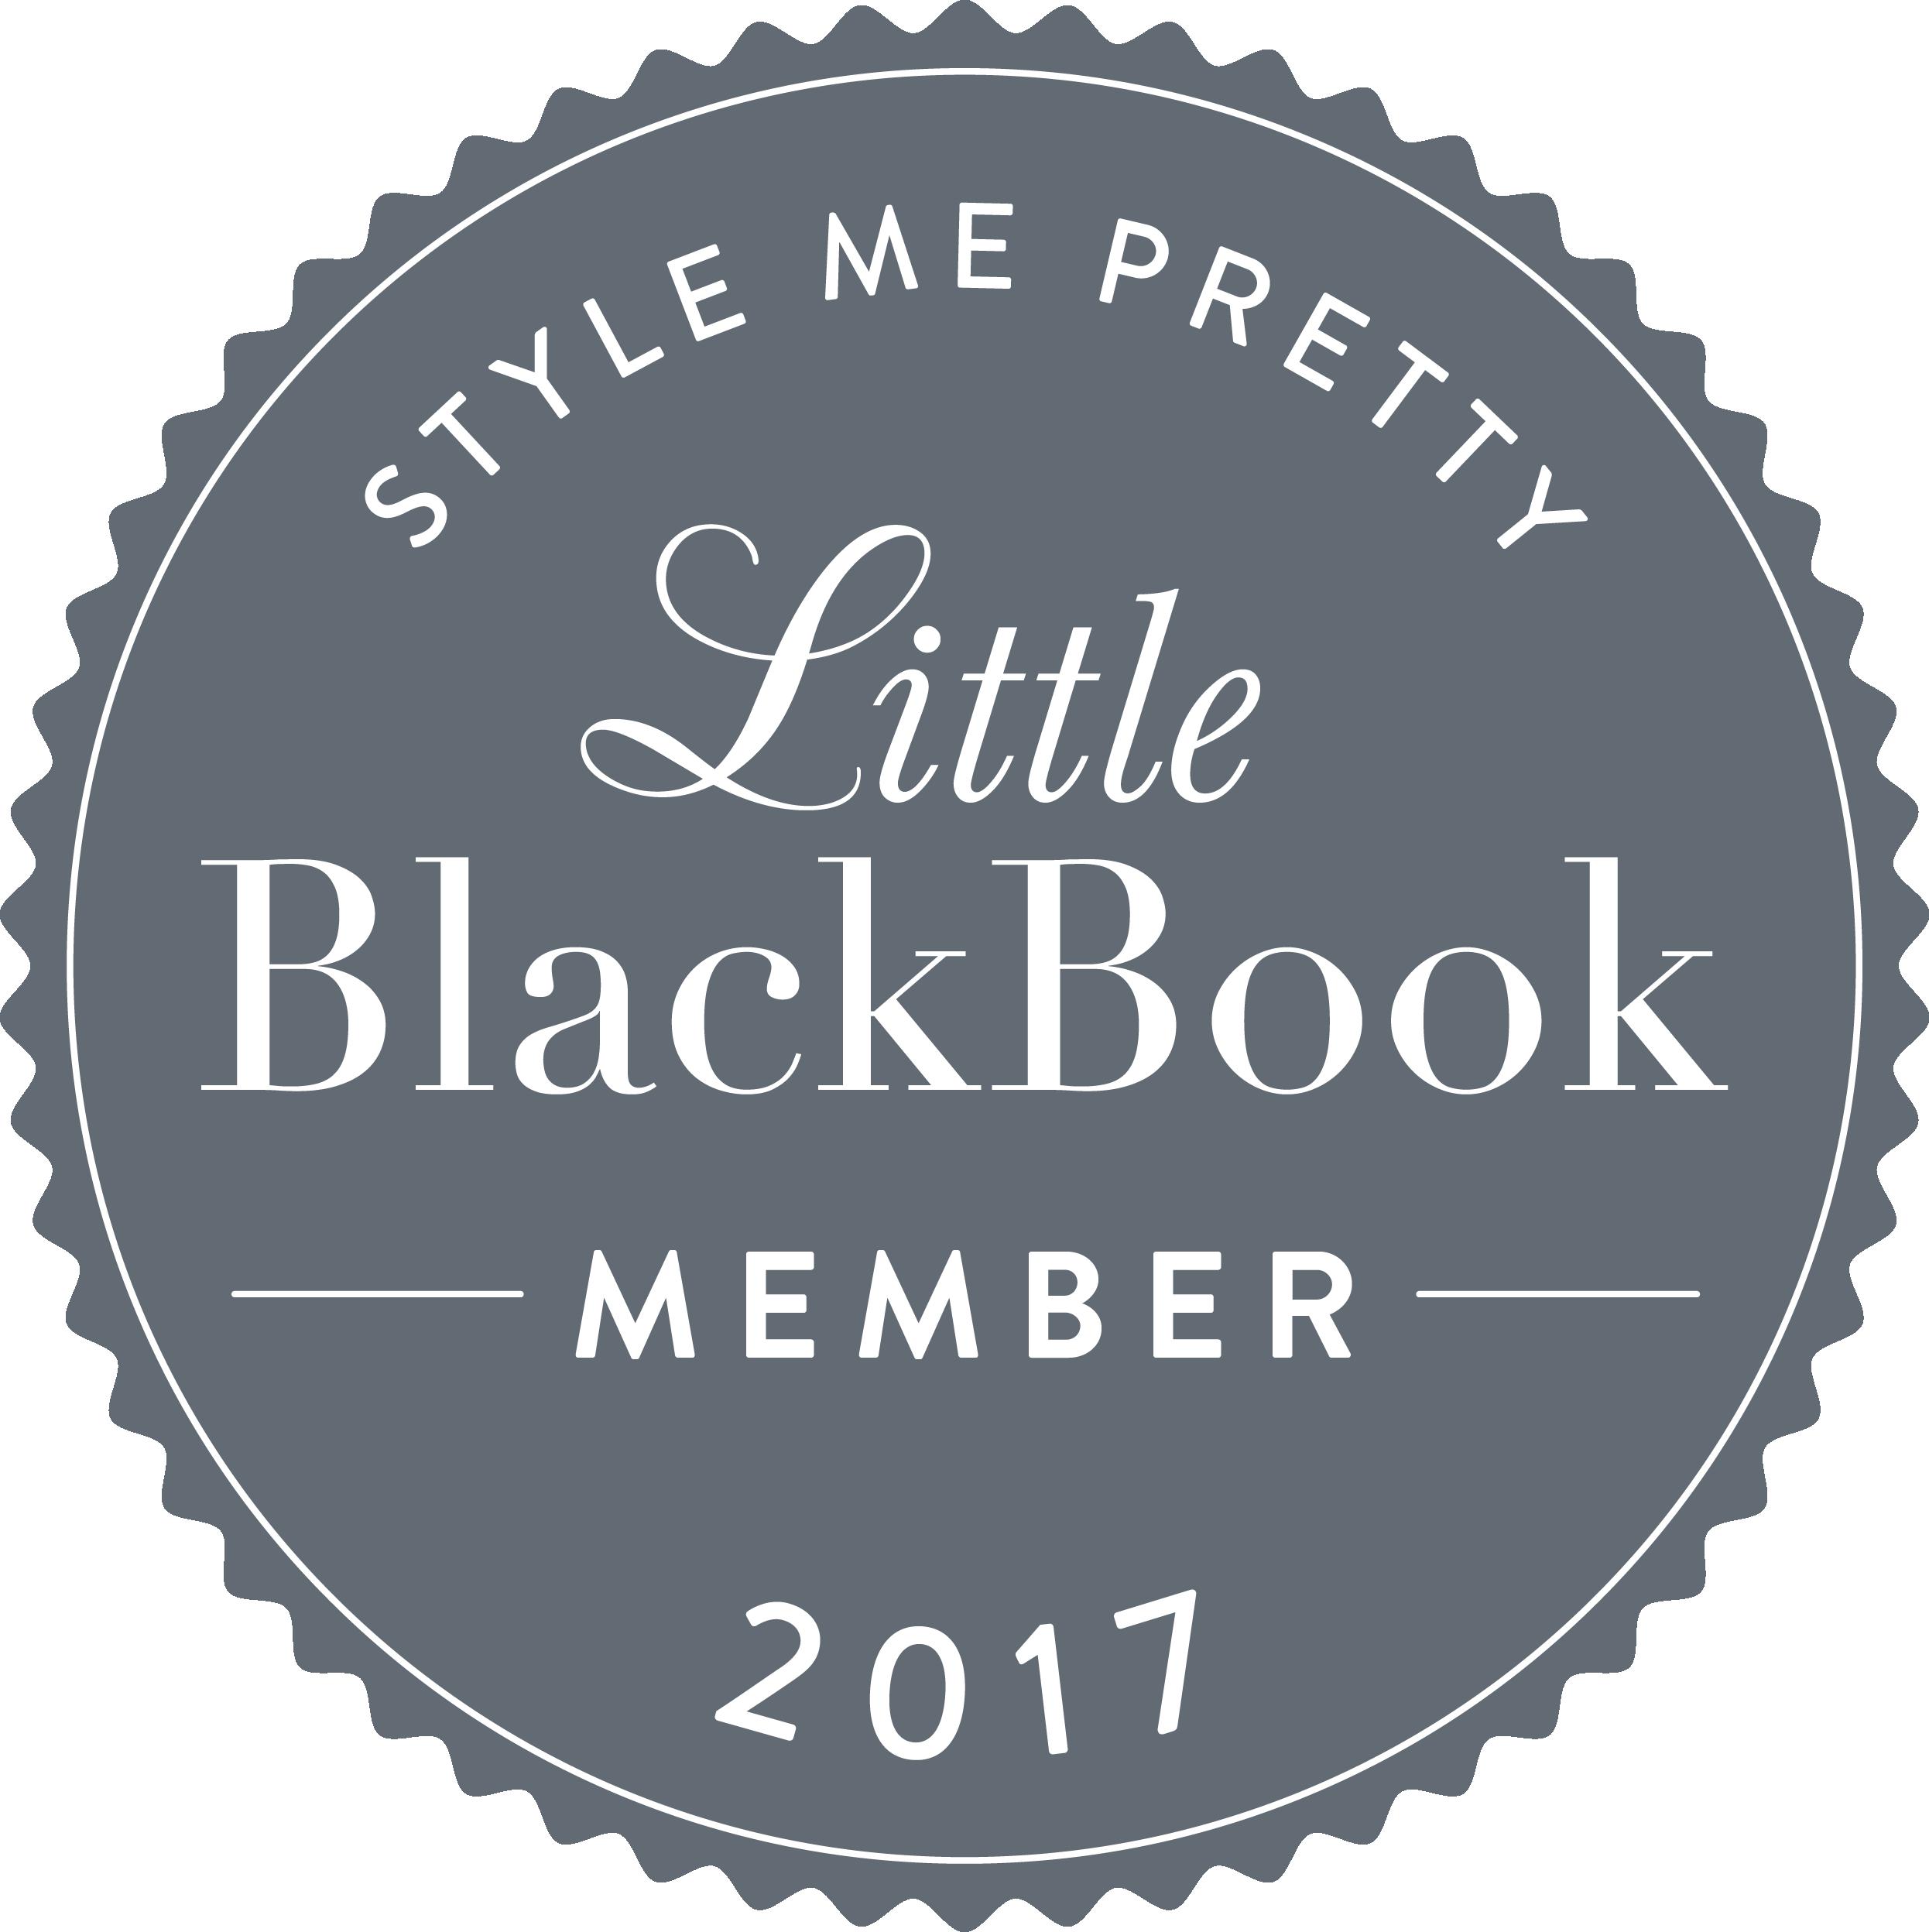 lbb_as-seen_black_2017.png